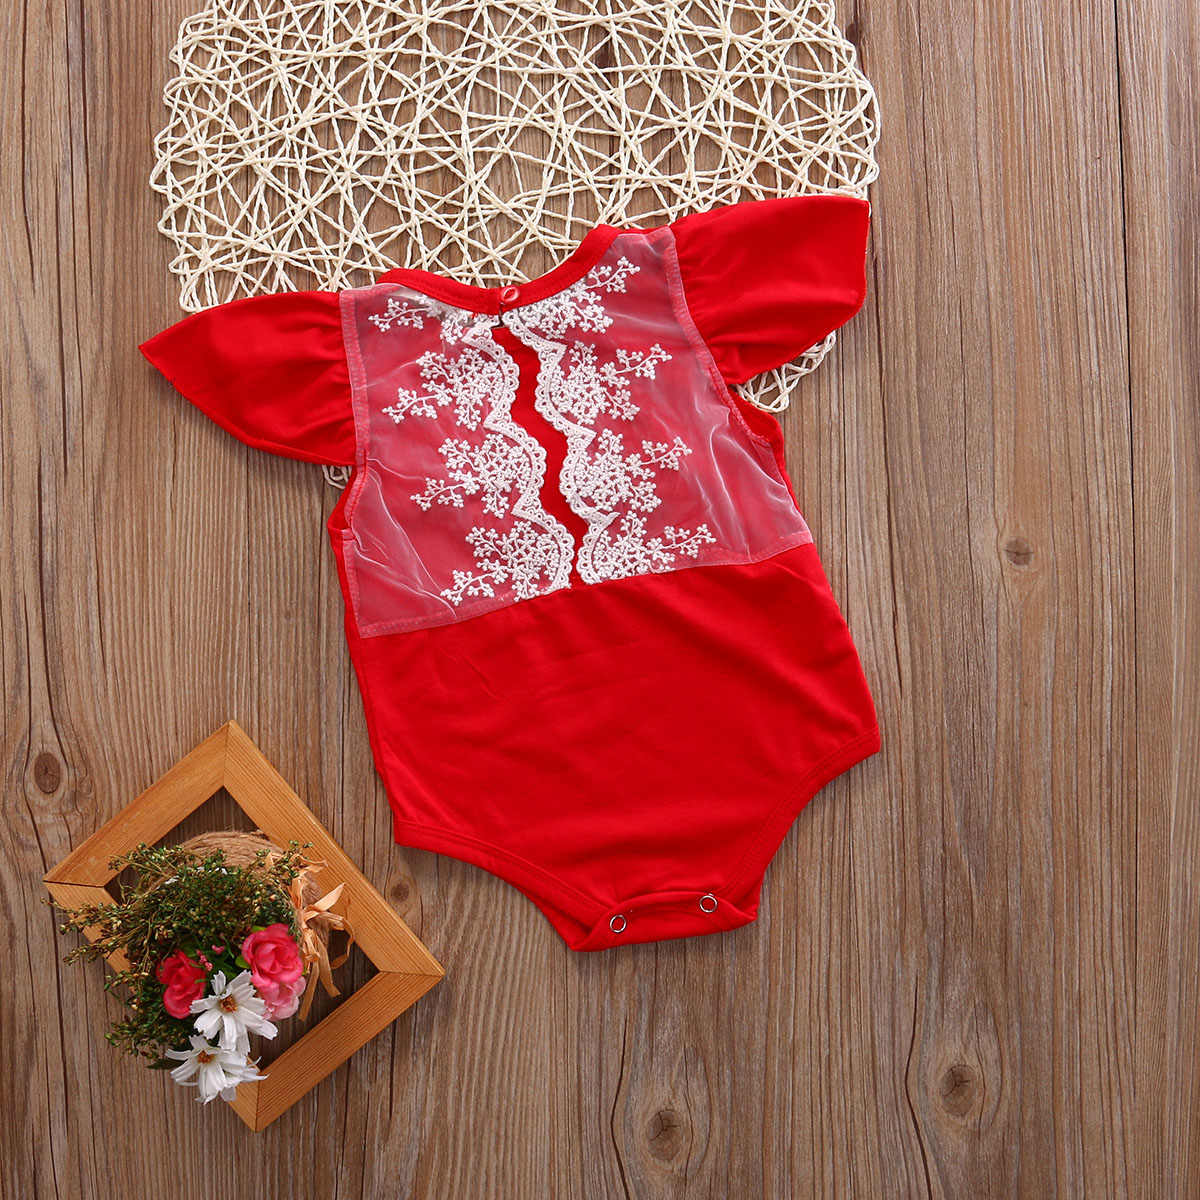 ทารกเด็กสาวๆมาใหม่ในช่วงฤดูร้อนบอดี้สูทเด็กวัยหัดเดินเด็กทารกแรกเกิดบอดี้สูทลูกไม้ดอกไม้J Umpsuitชุดเสื้อผ้า